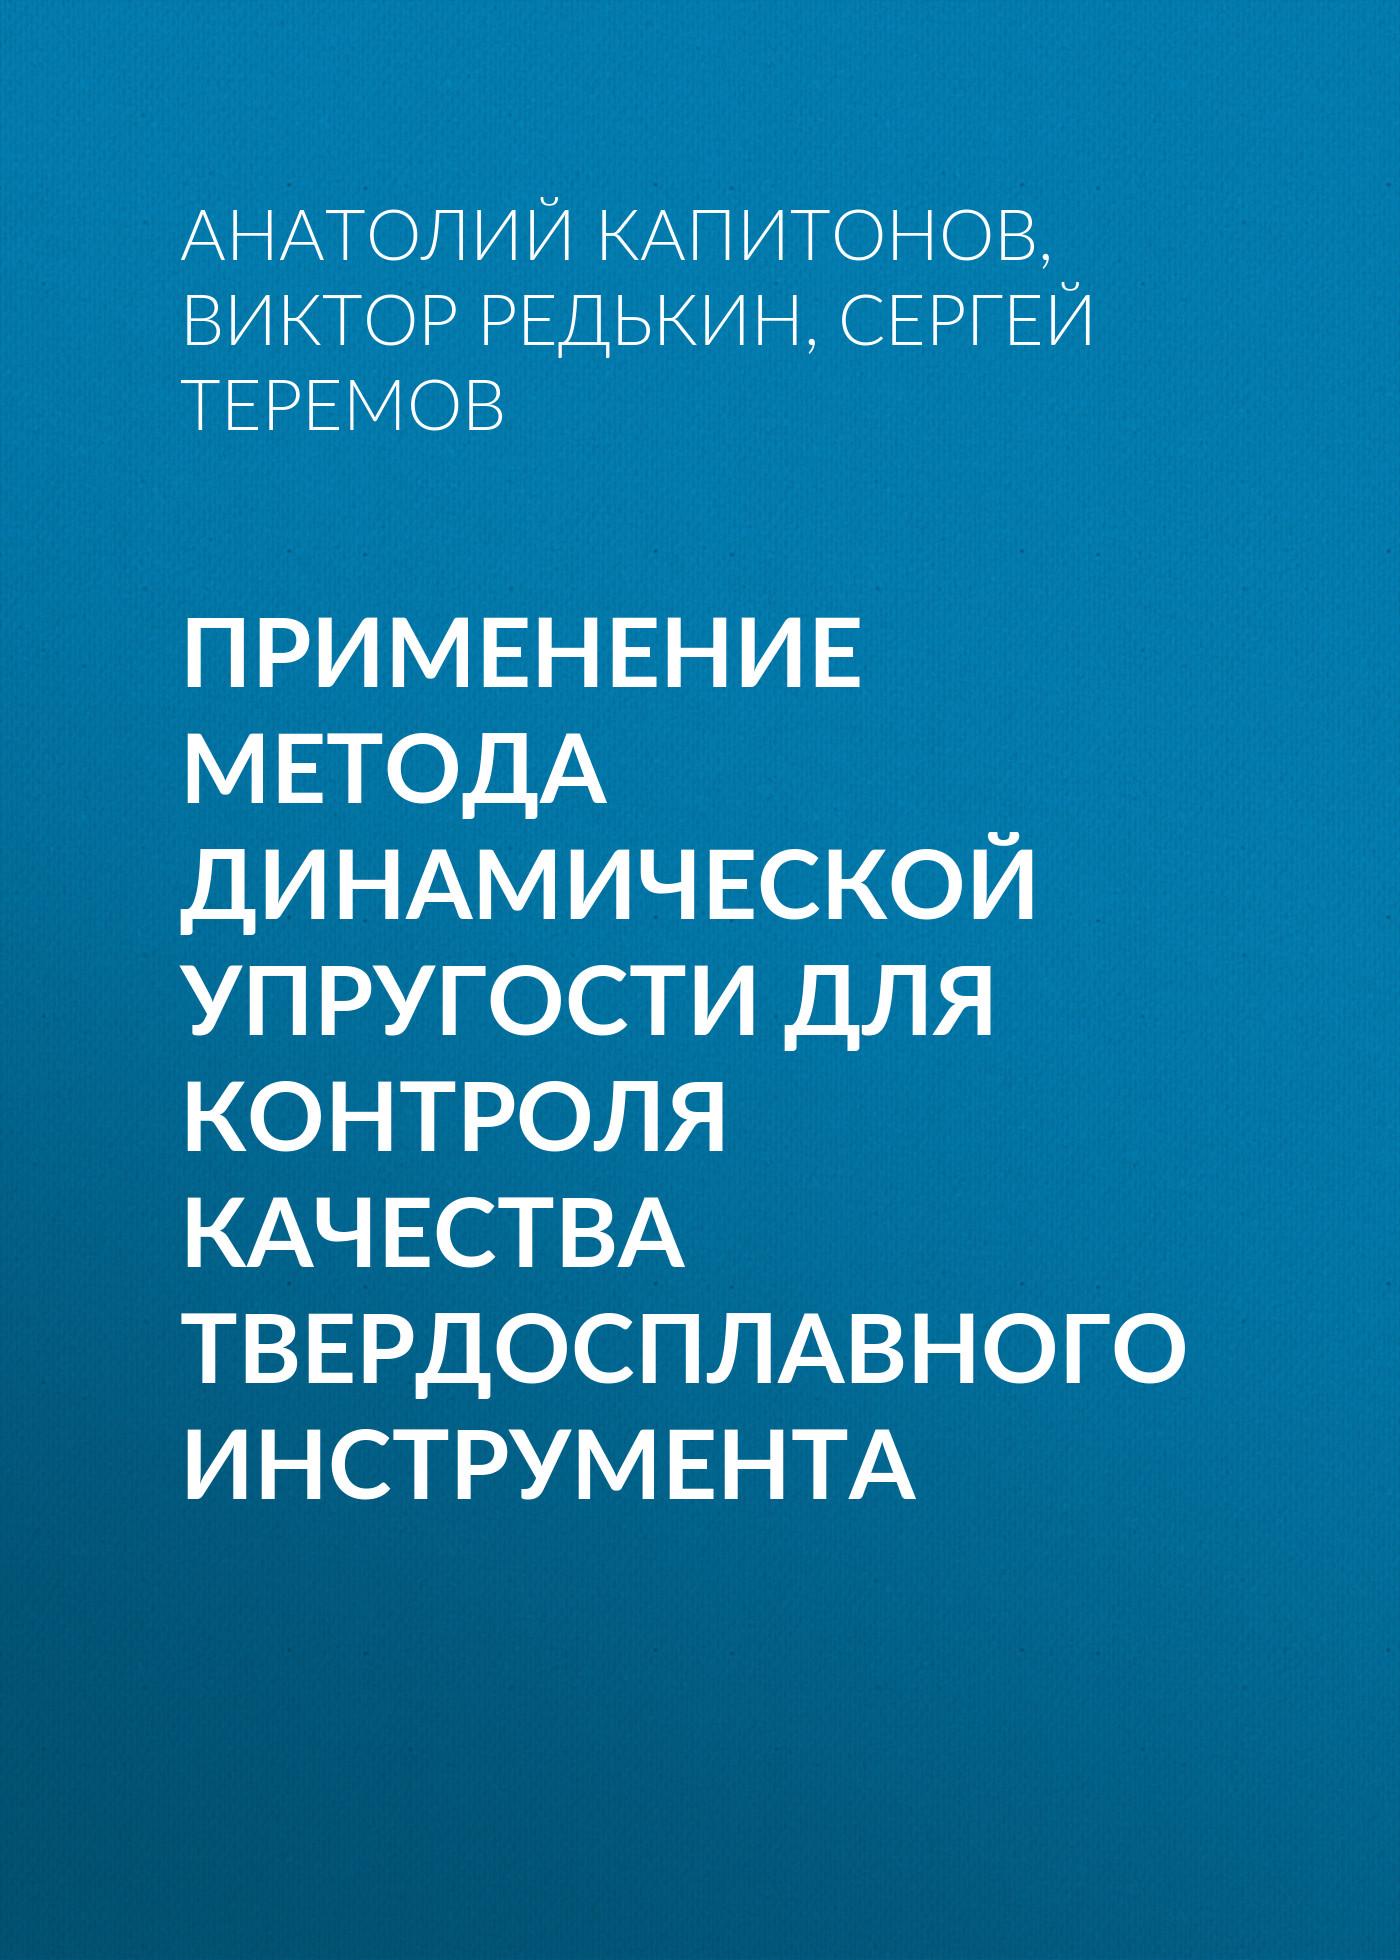 Анатолий Капитонов Применение метода динамической упругости для контроля качества твердосплавного инструмента все цены